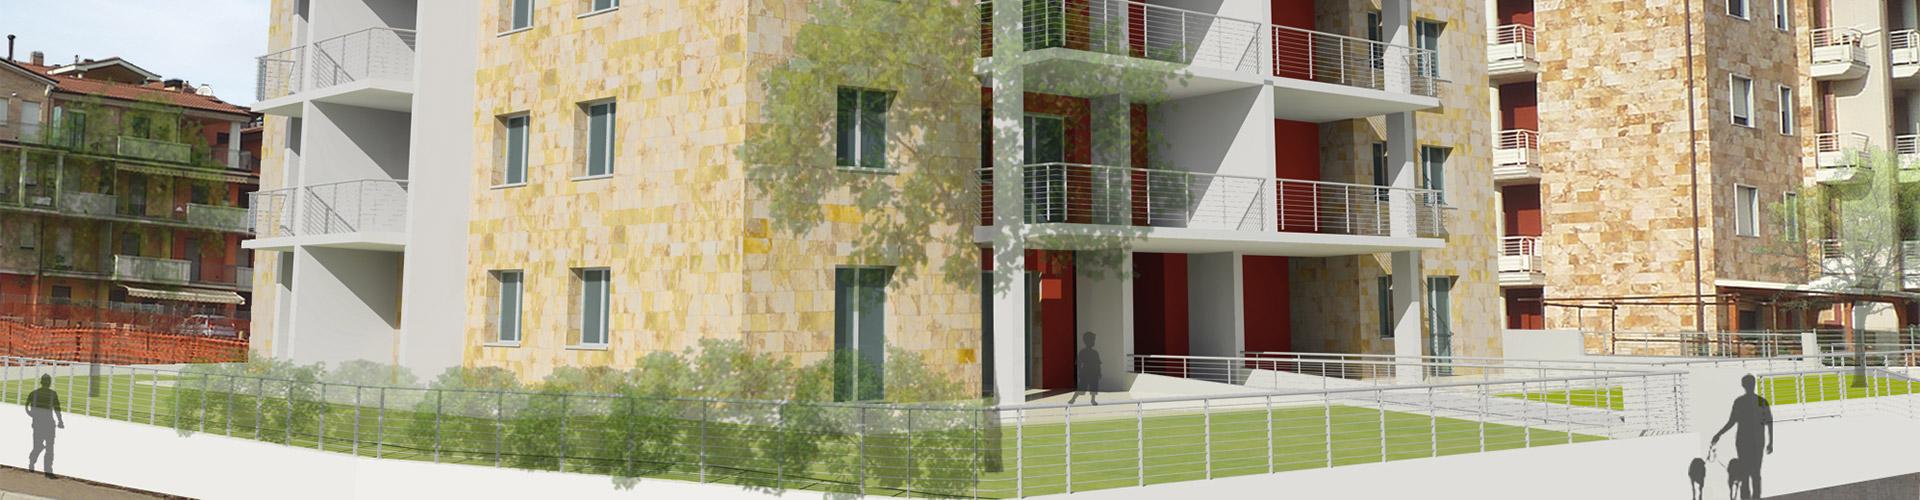 CRAGLIA-FELICE-COSTRUZIONI-slide-render02